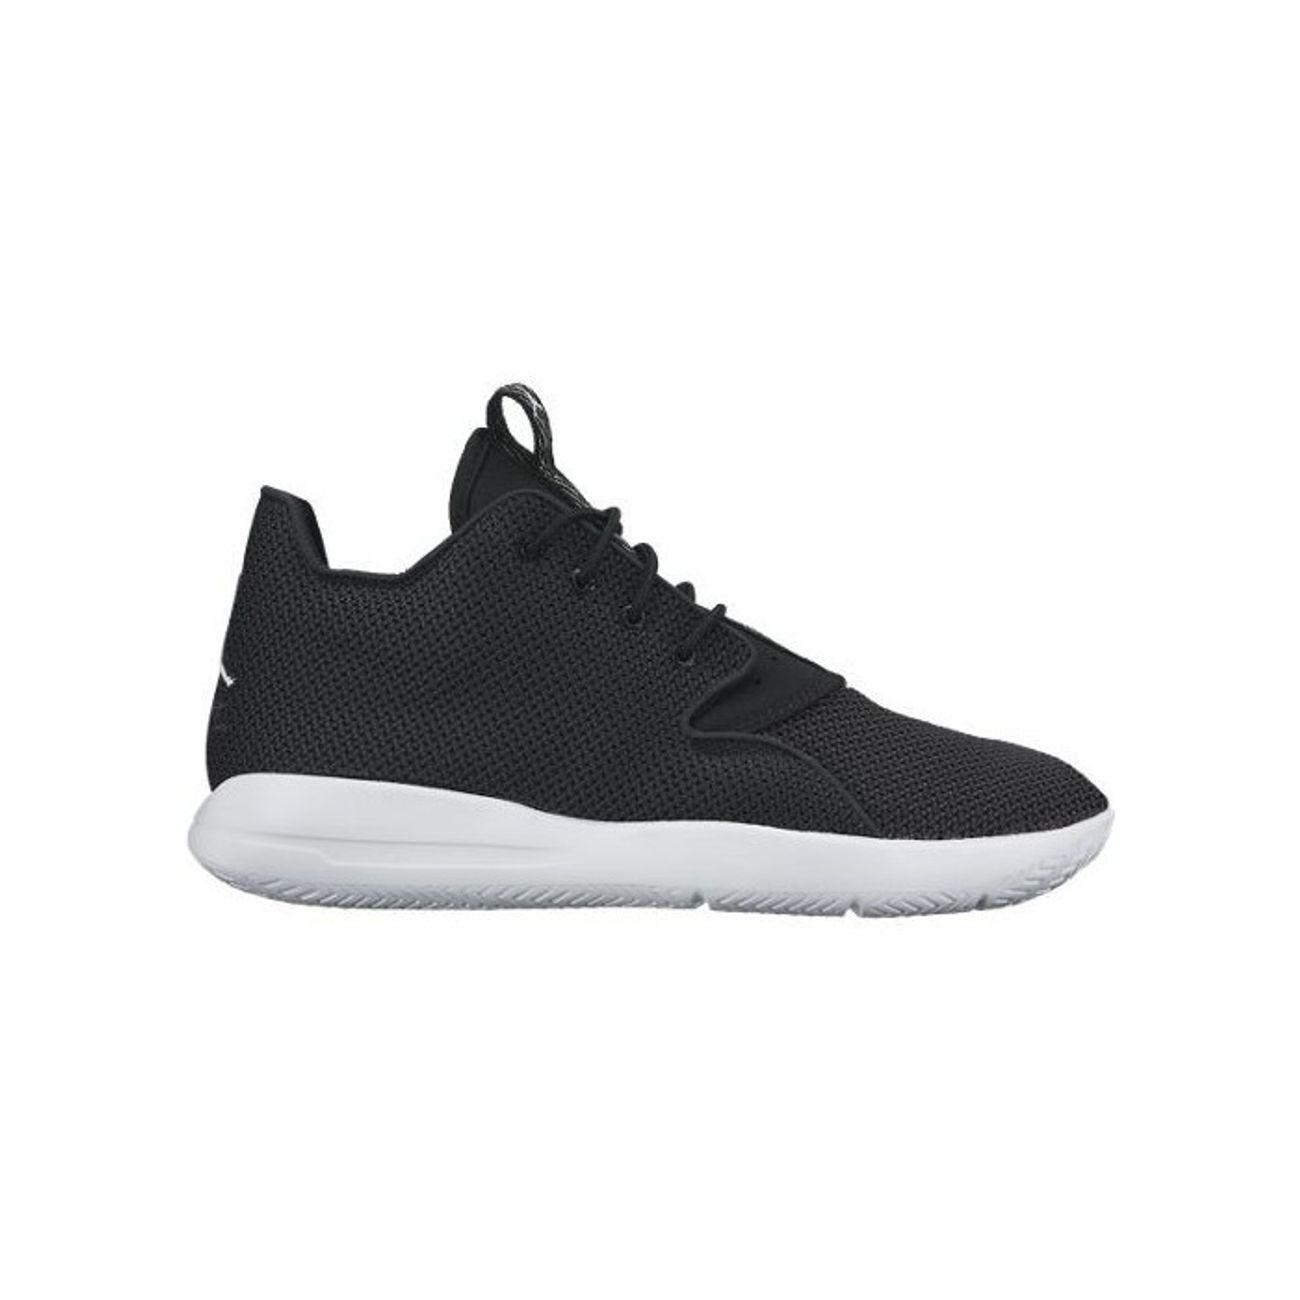 reputable site 0a225 f3ee8 Basket ball enfant JORDAN Chaussure de Basket Jordan Eclipse BG Anthracite  pour enfant ...